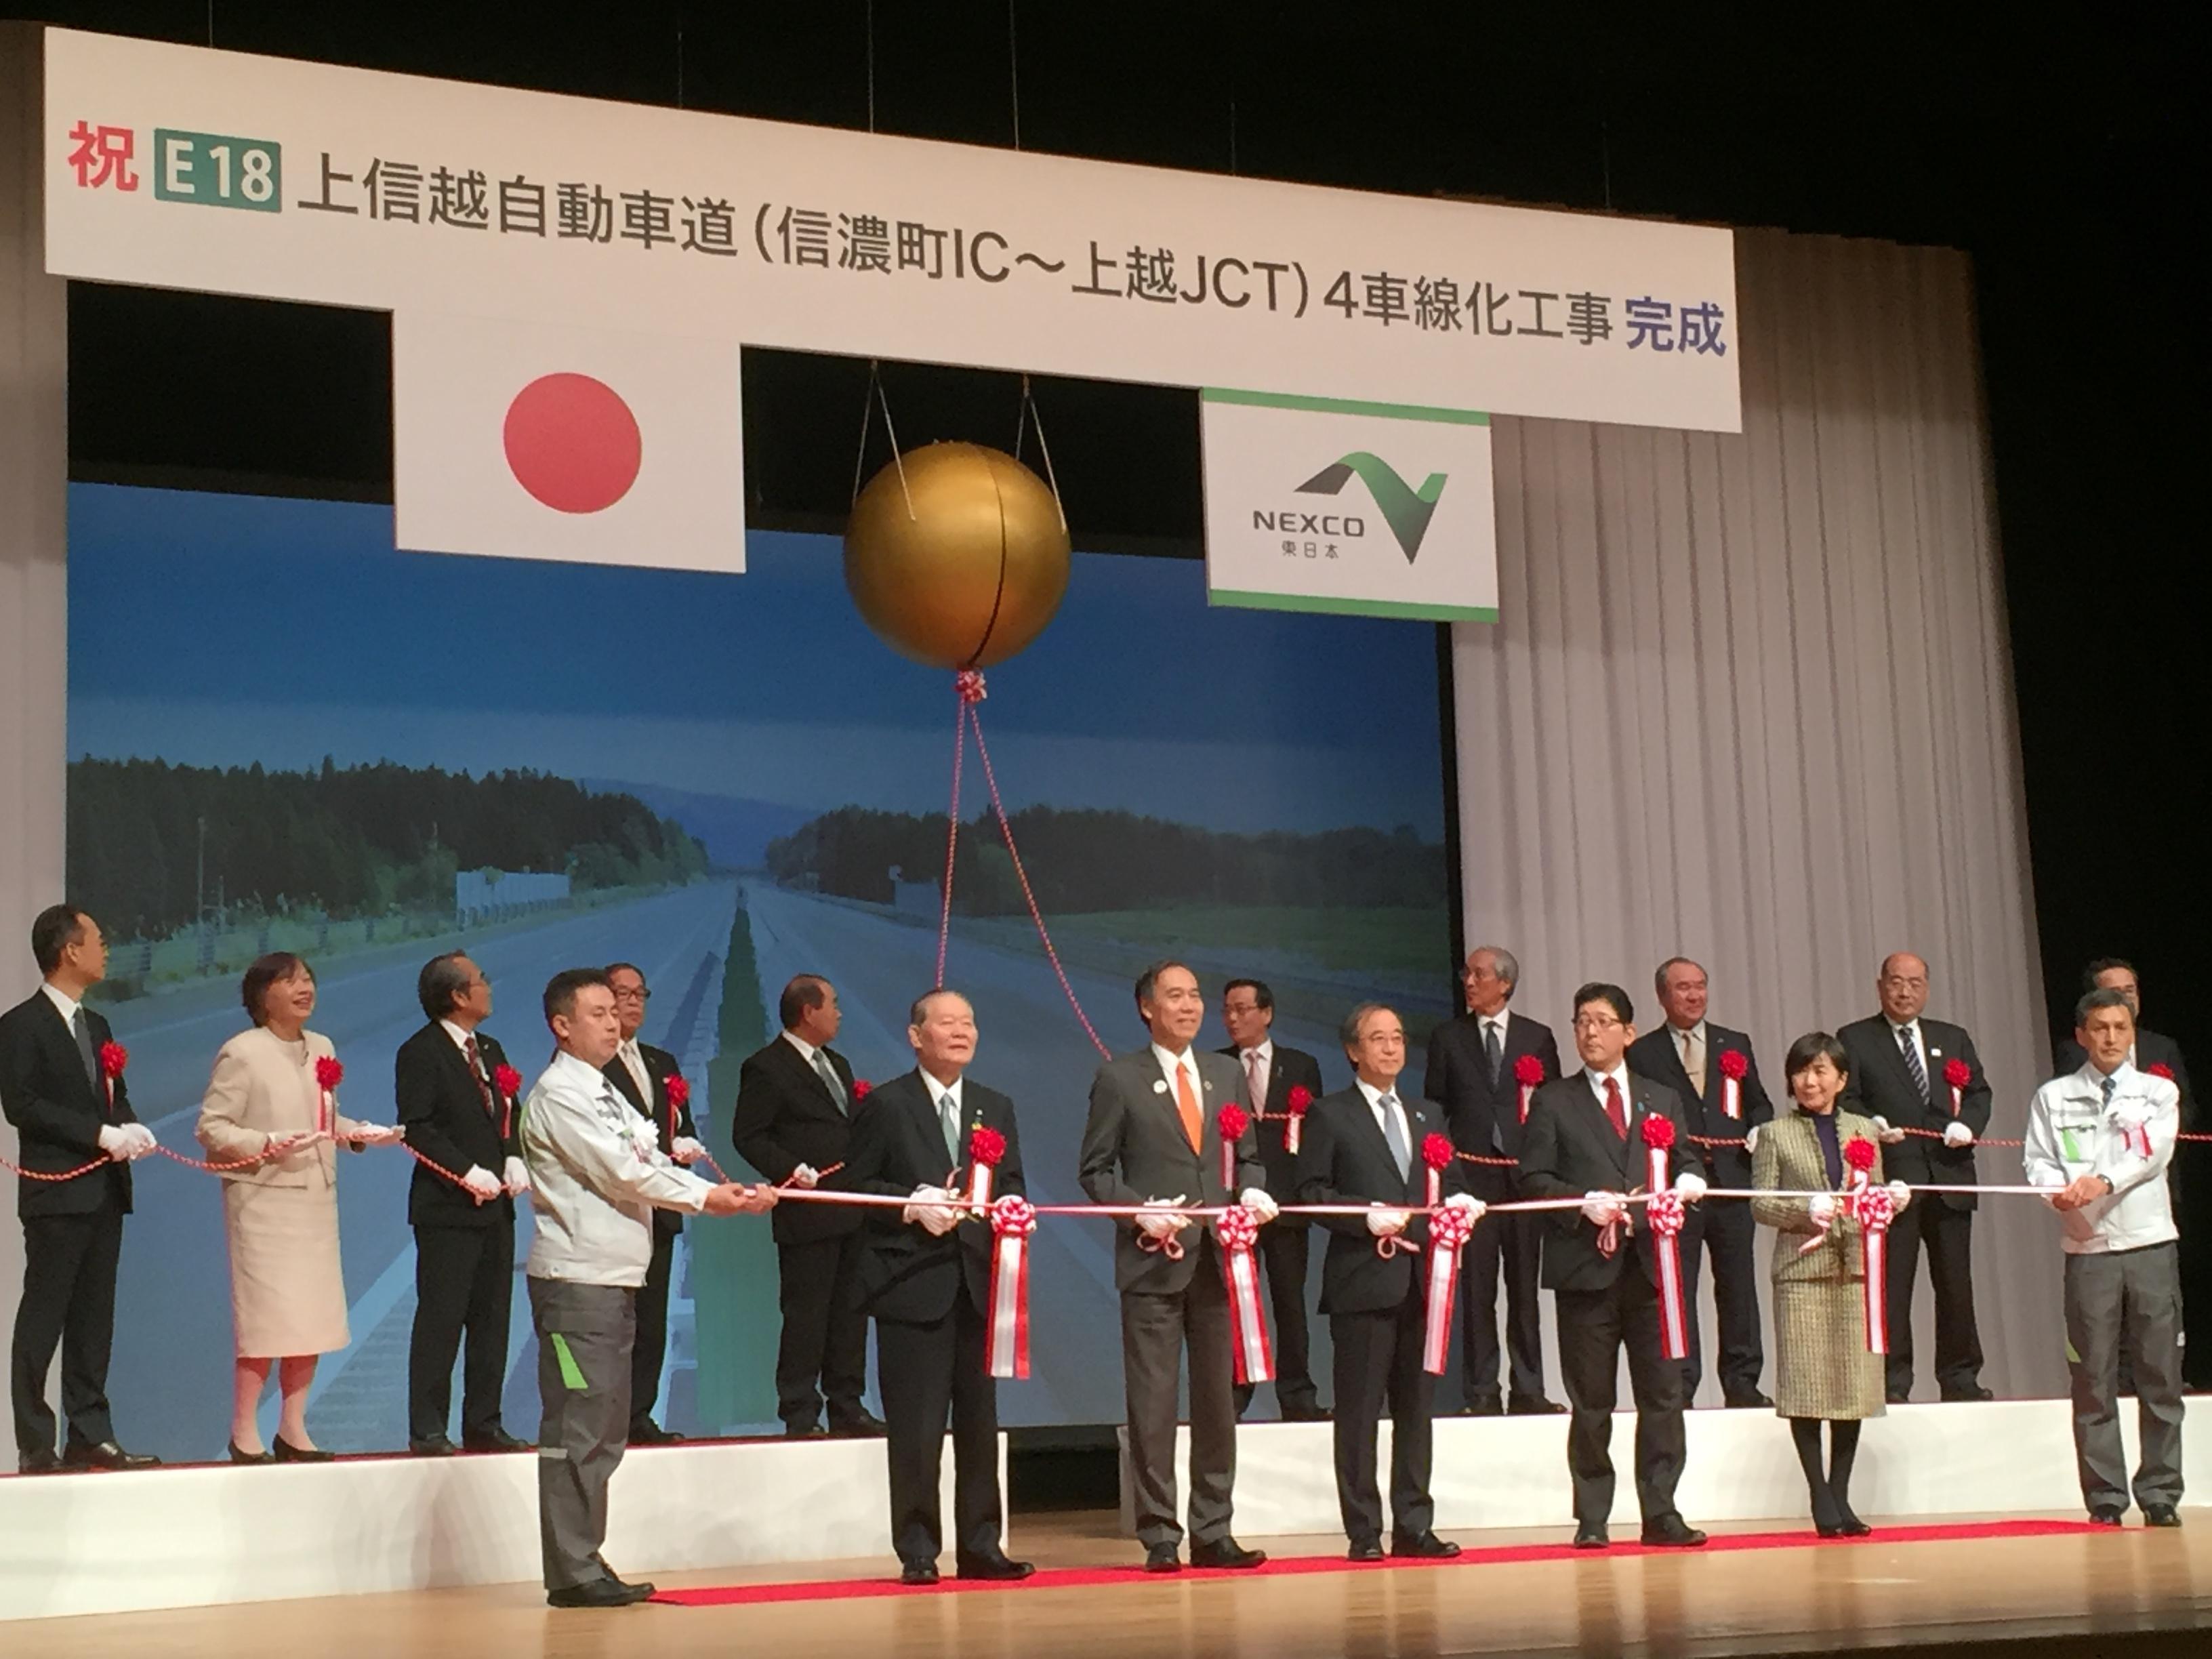 上信越道(信濃町IC-上越JCT)4車線化工事完成式典